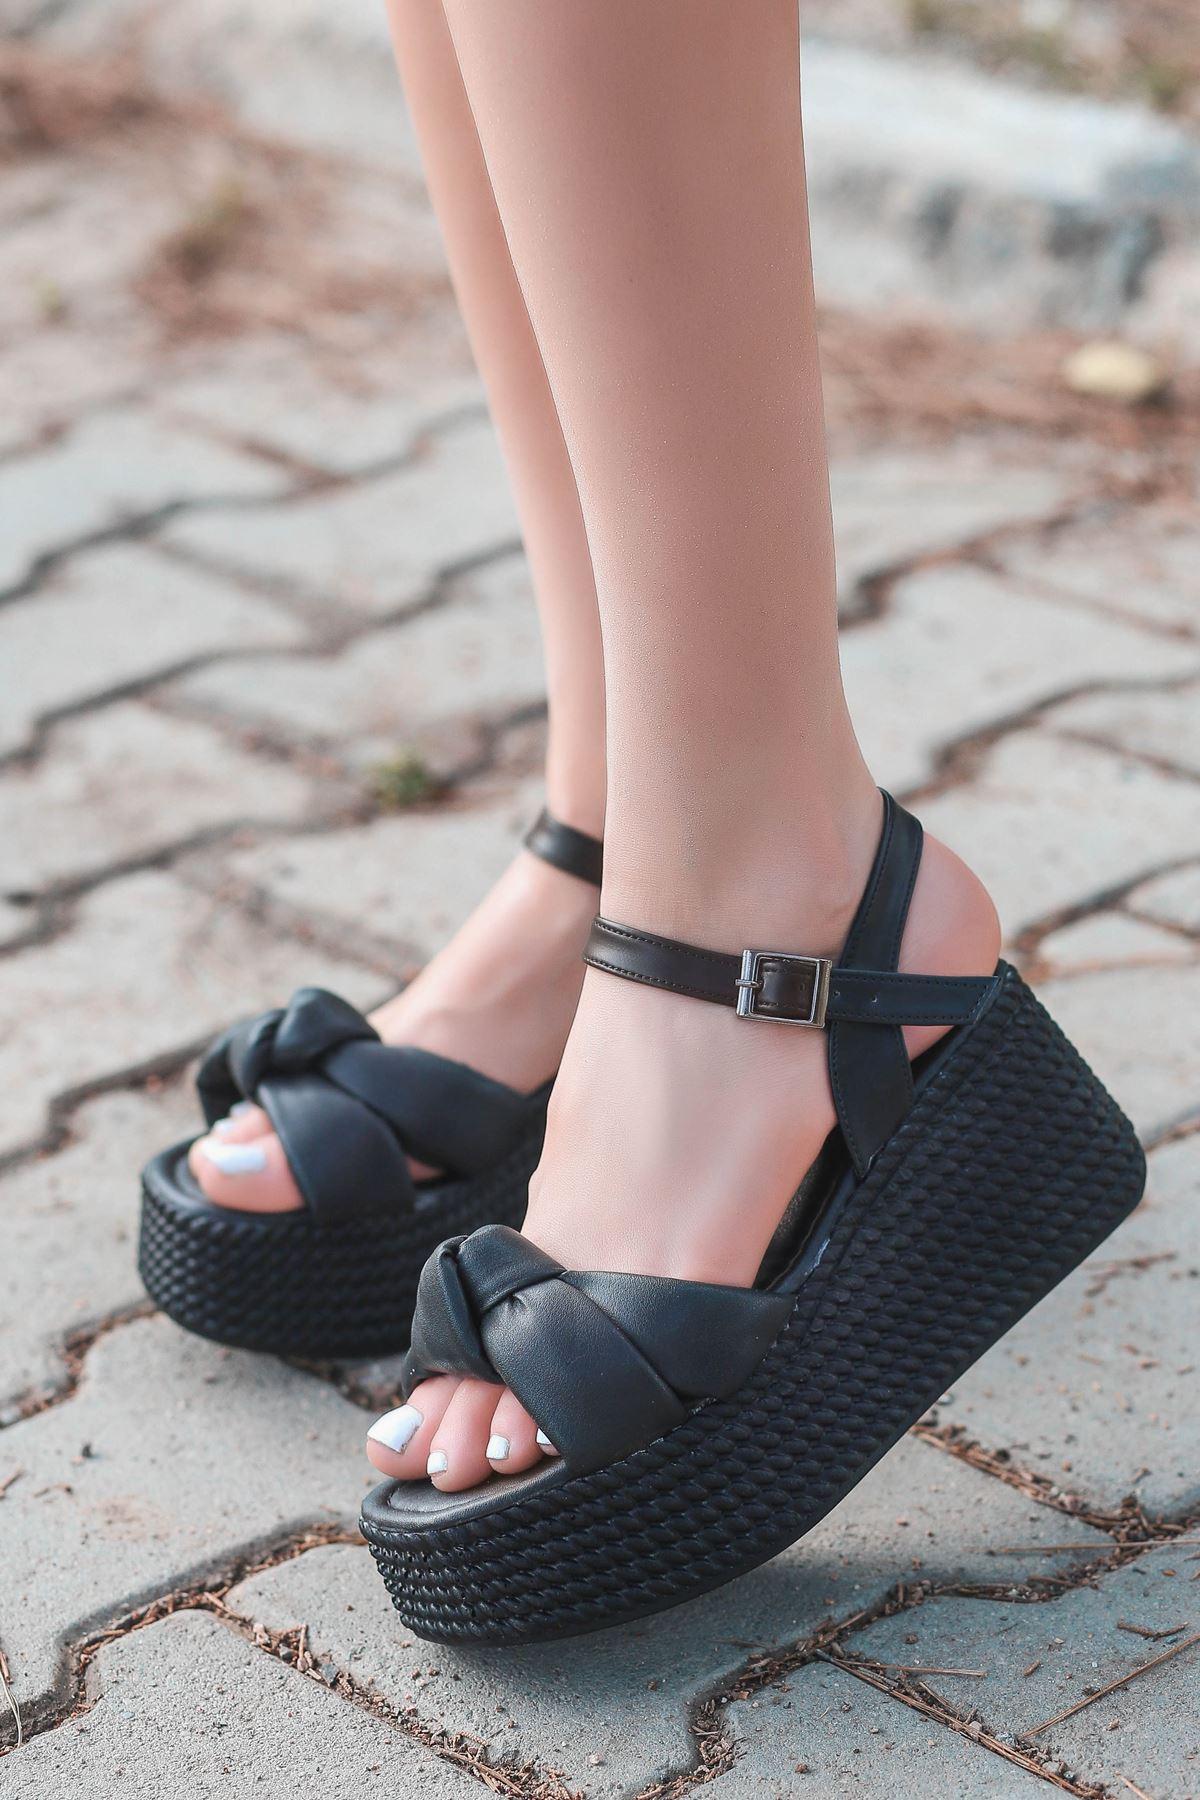 Perion Yüksek Taban Bağlama Detaylı Siyah Kadın Sandalet